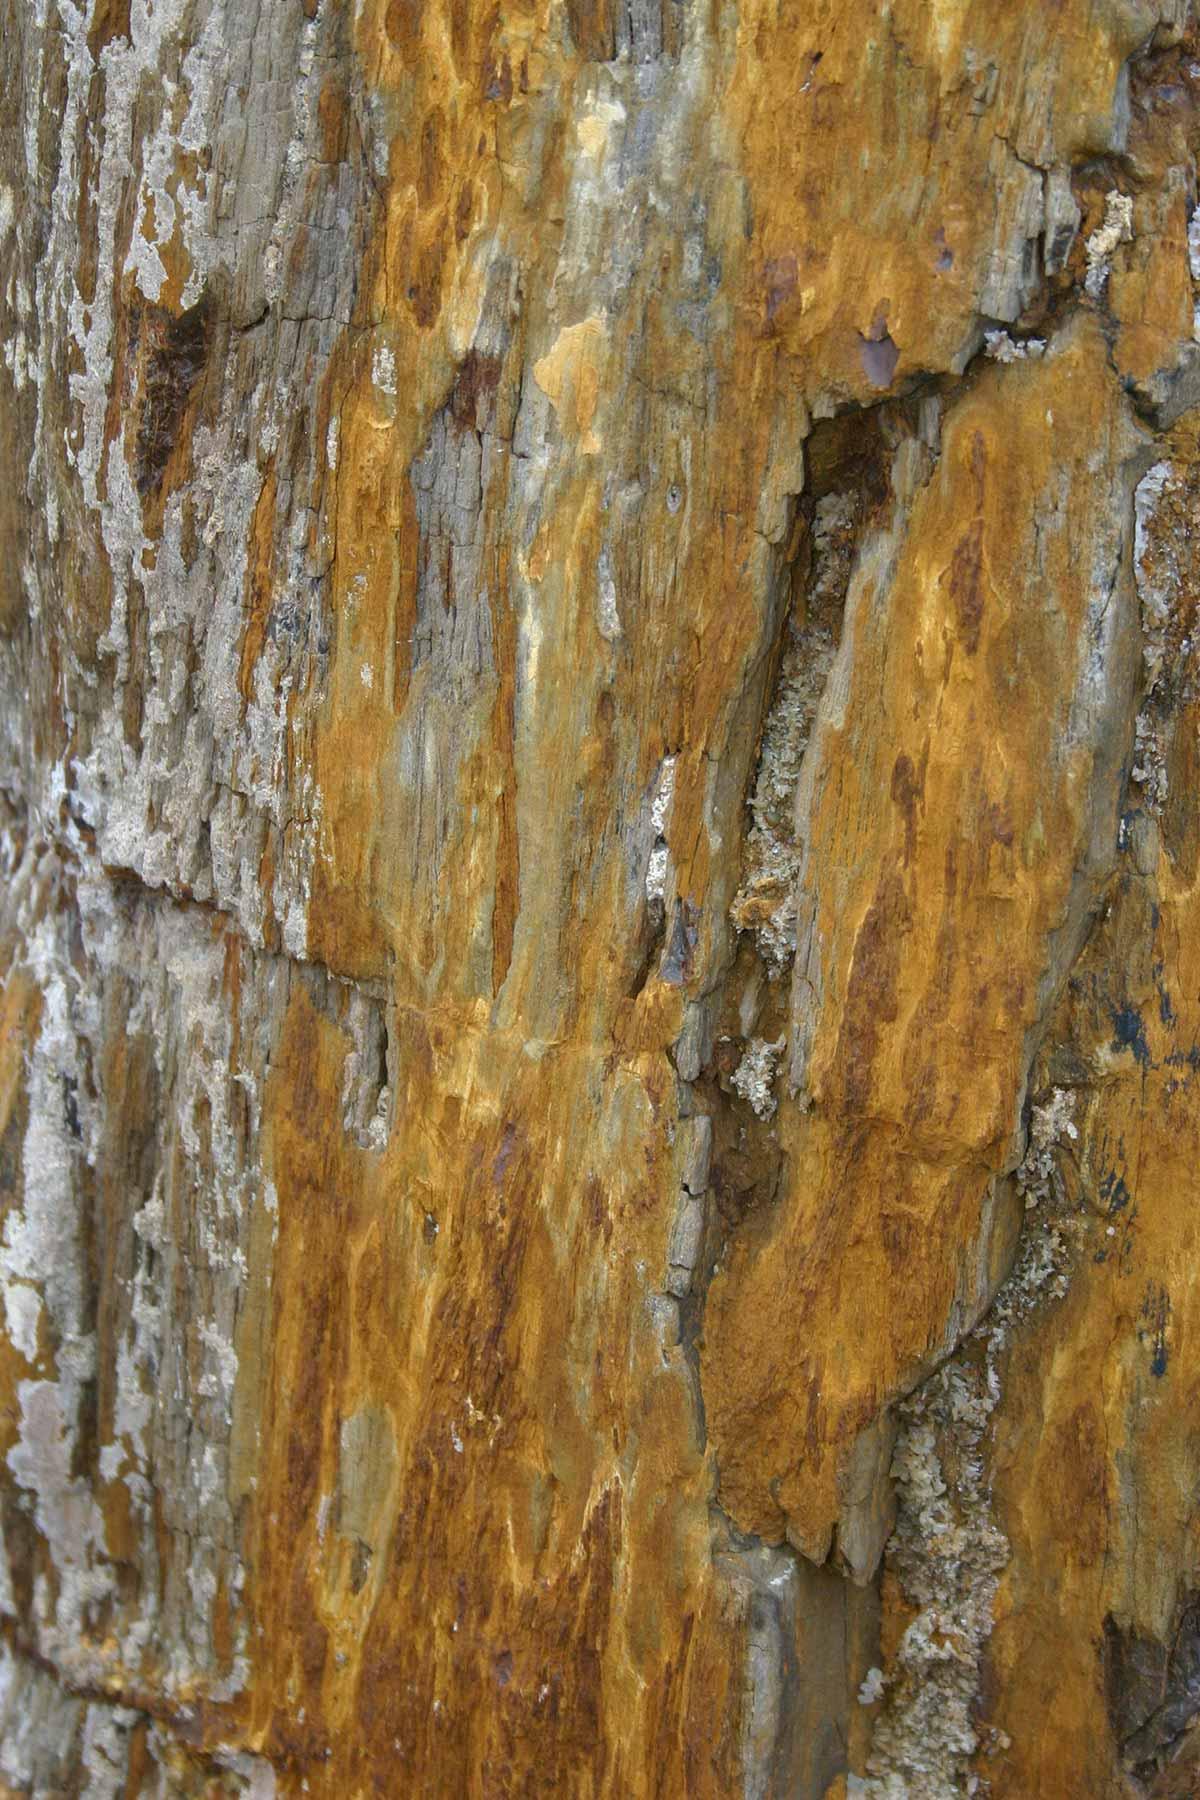 Versteinertes Holz poliert